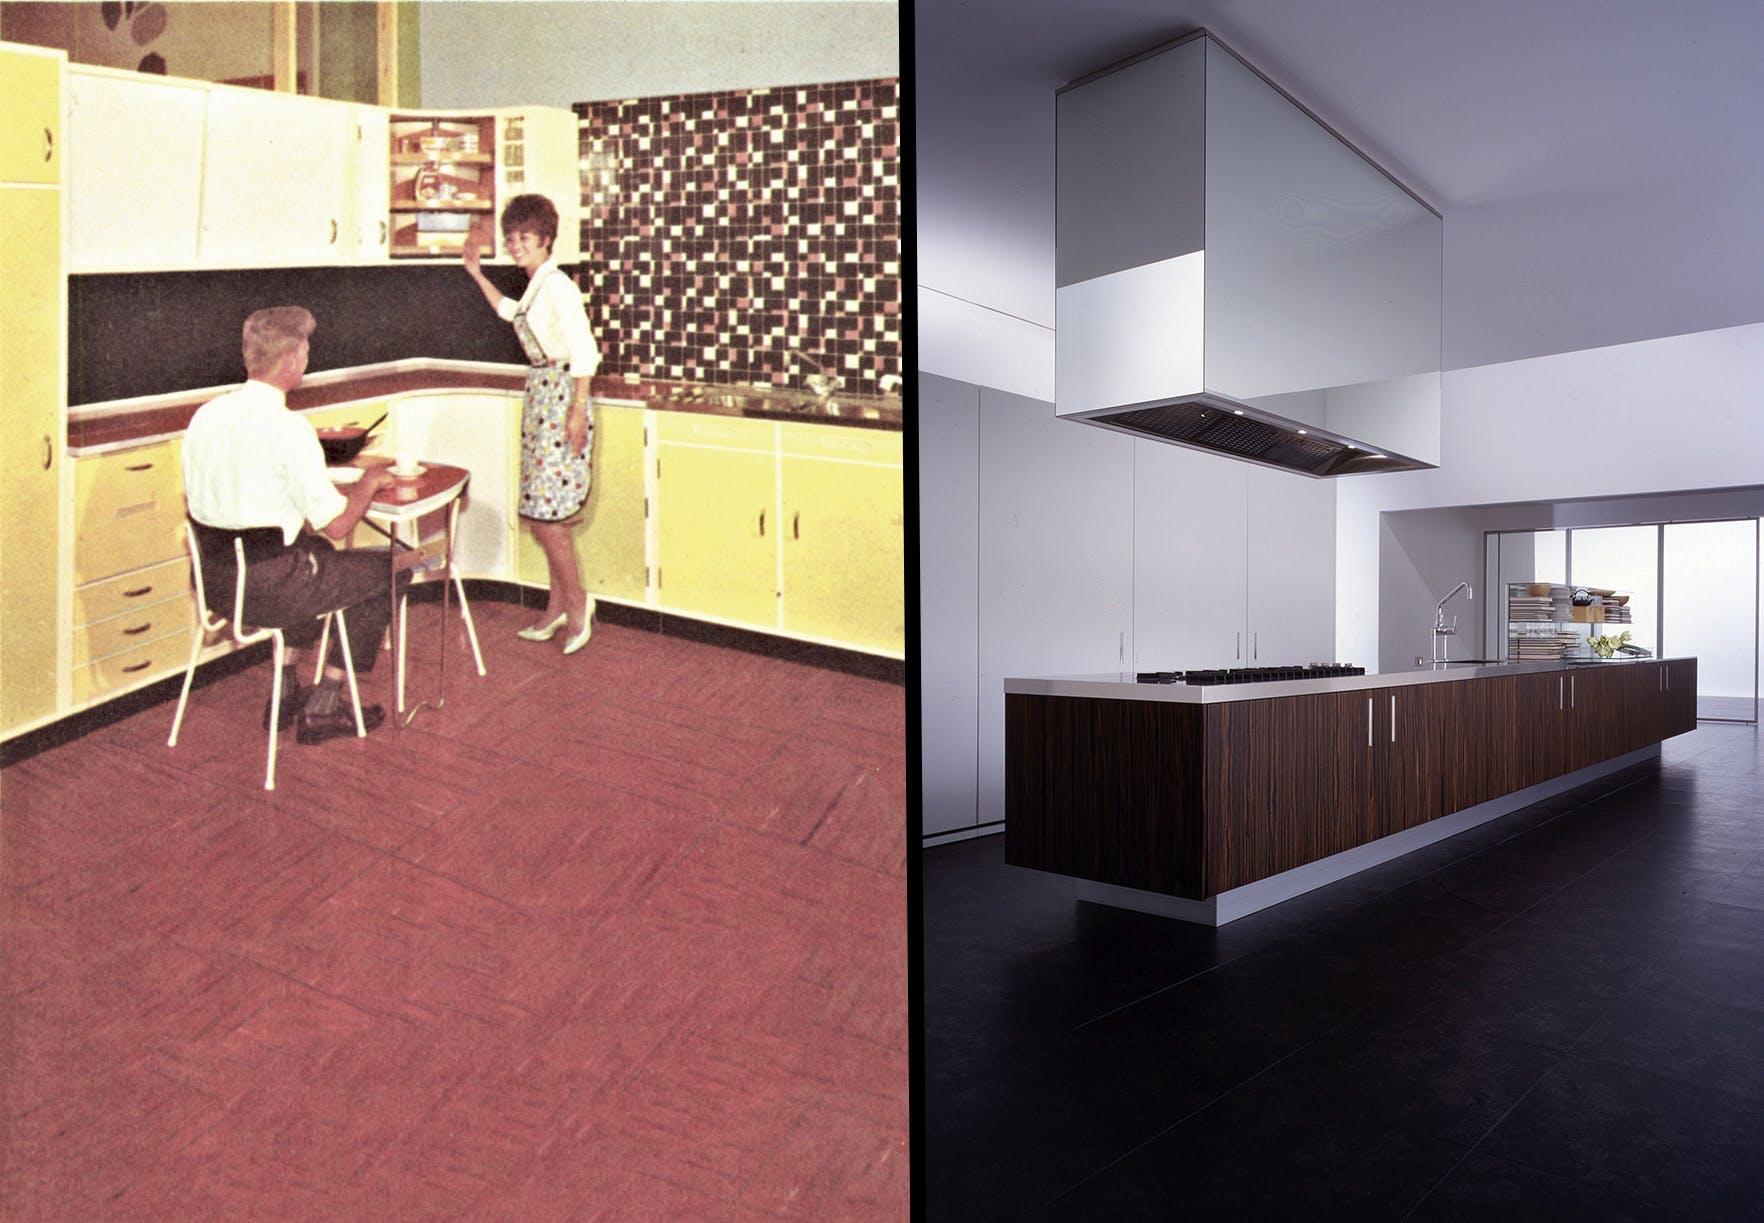 køkken køkkenet historie udvikling indretning